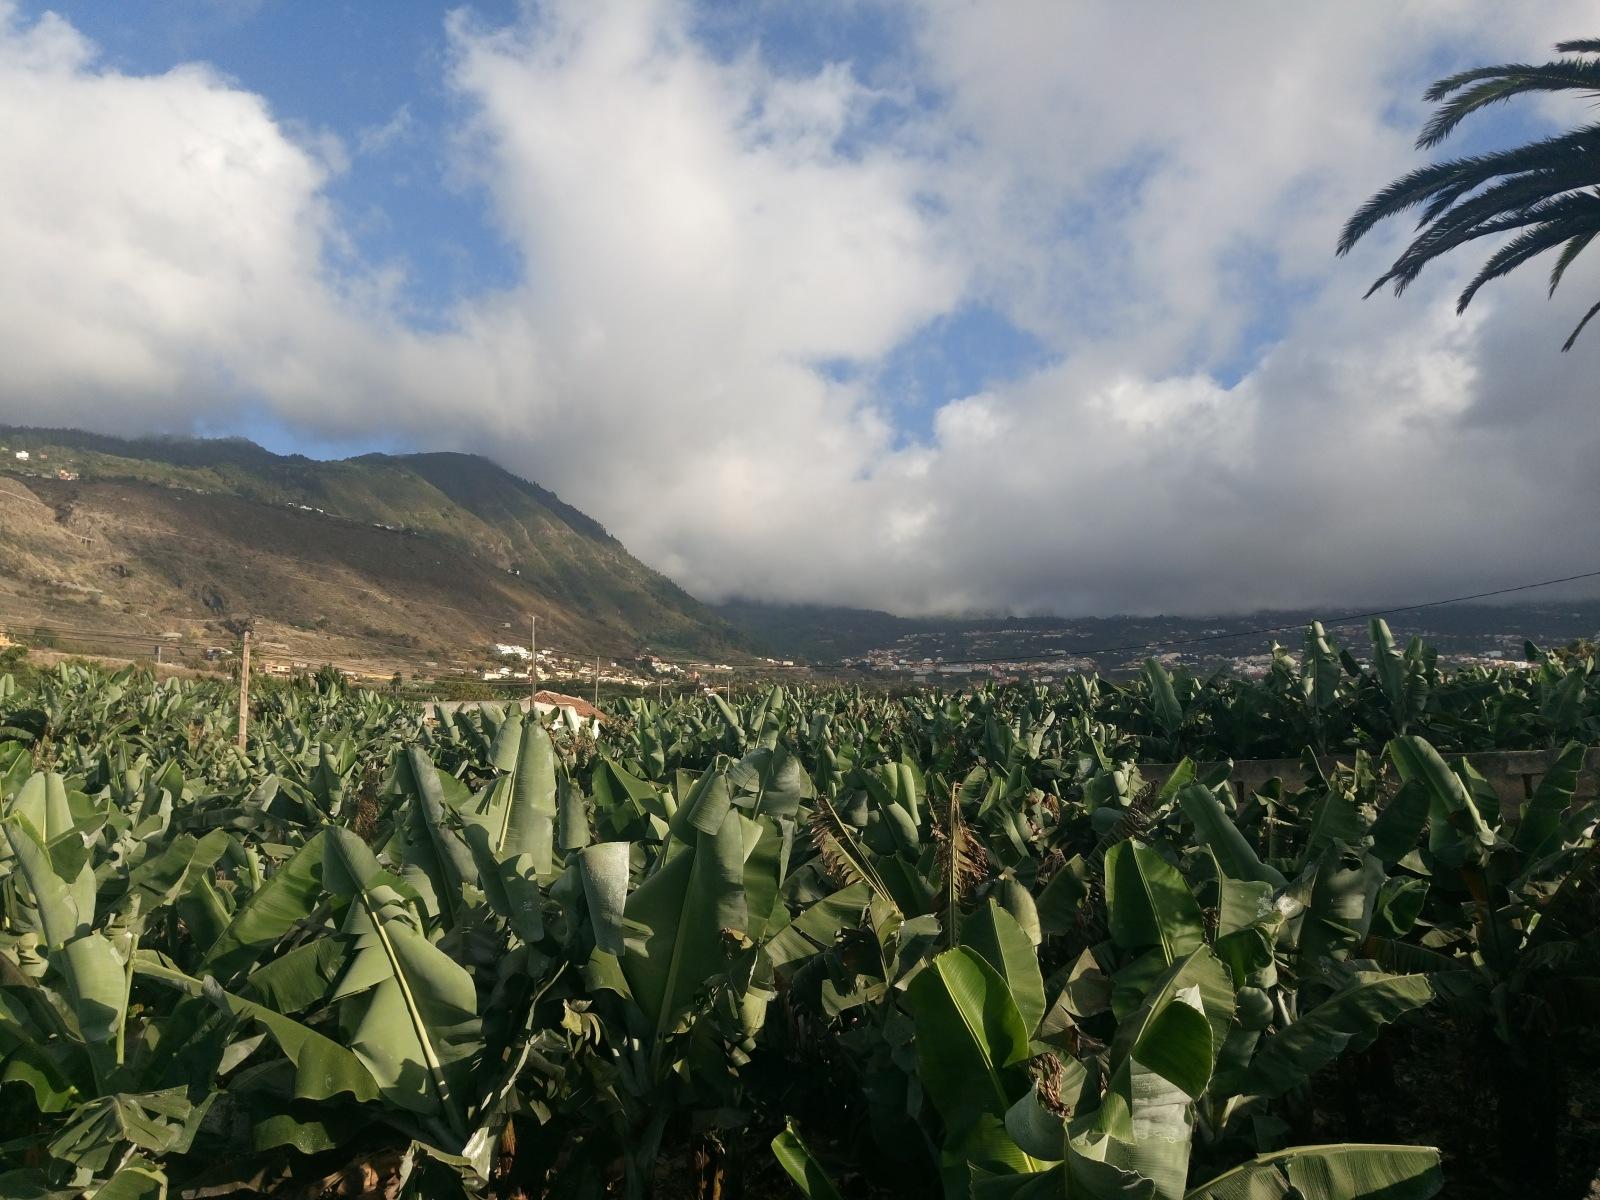 Banánová plantáž